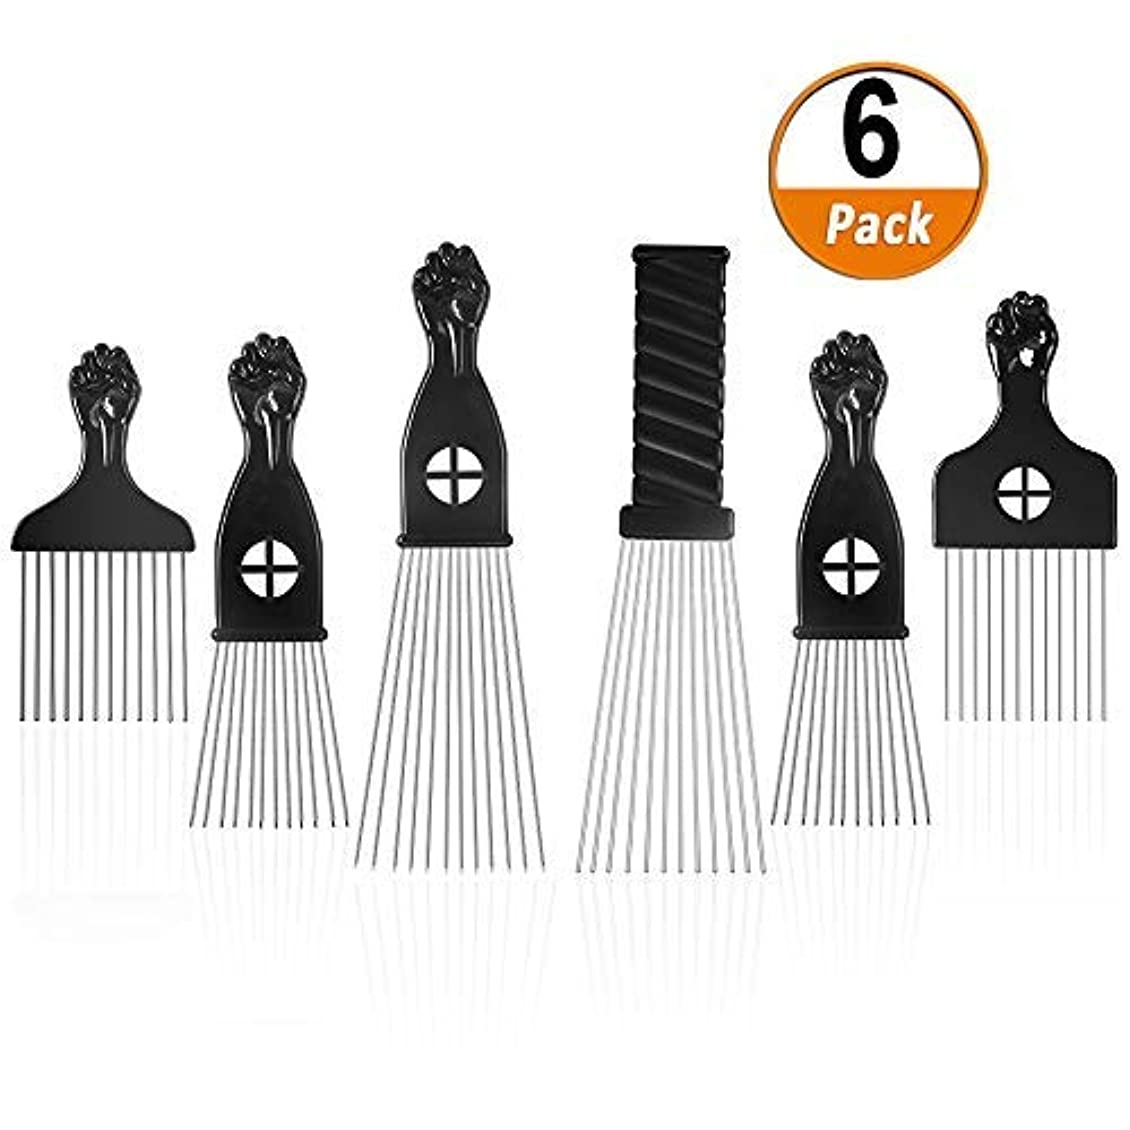 ガスやめるお互いAfro Pick 6 Pack Metal African American Afro Hair Comb Hairdressing Styling Tool Hair Pick with Black Fist [並行輸入品]